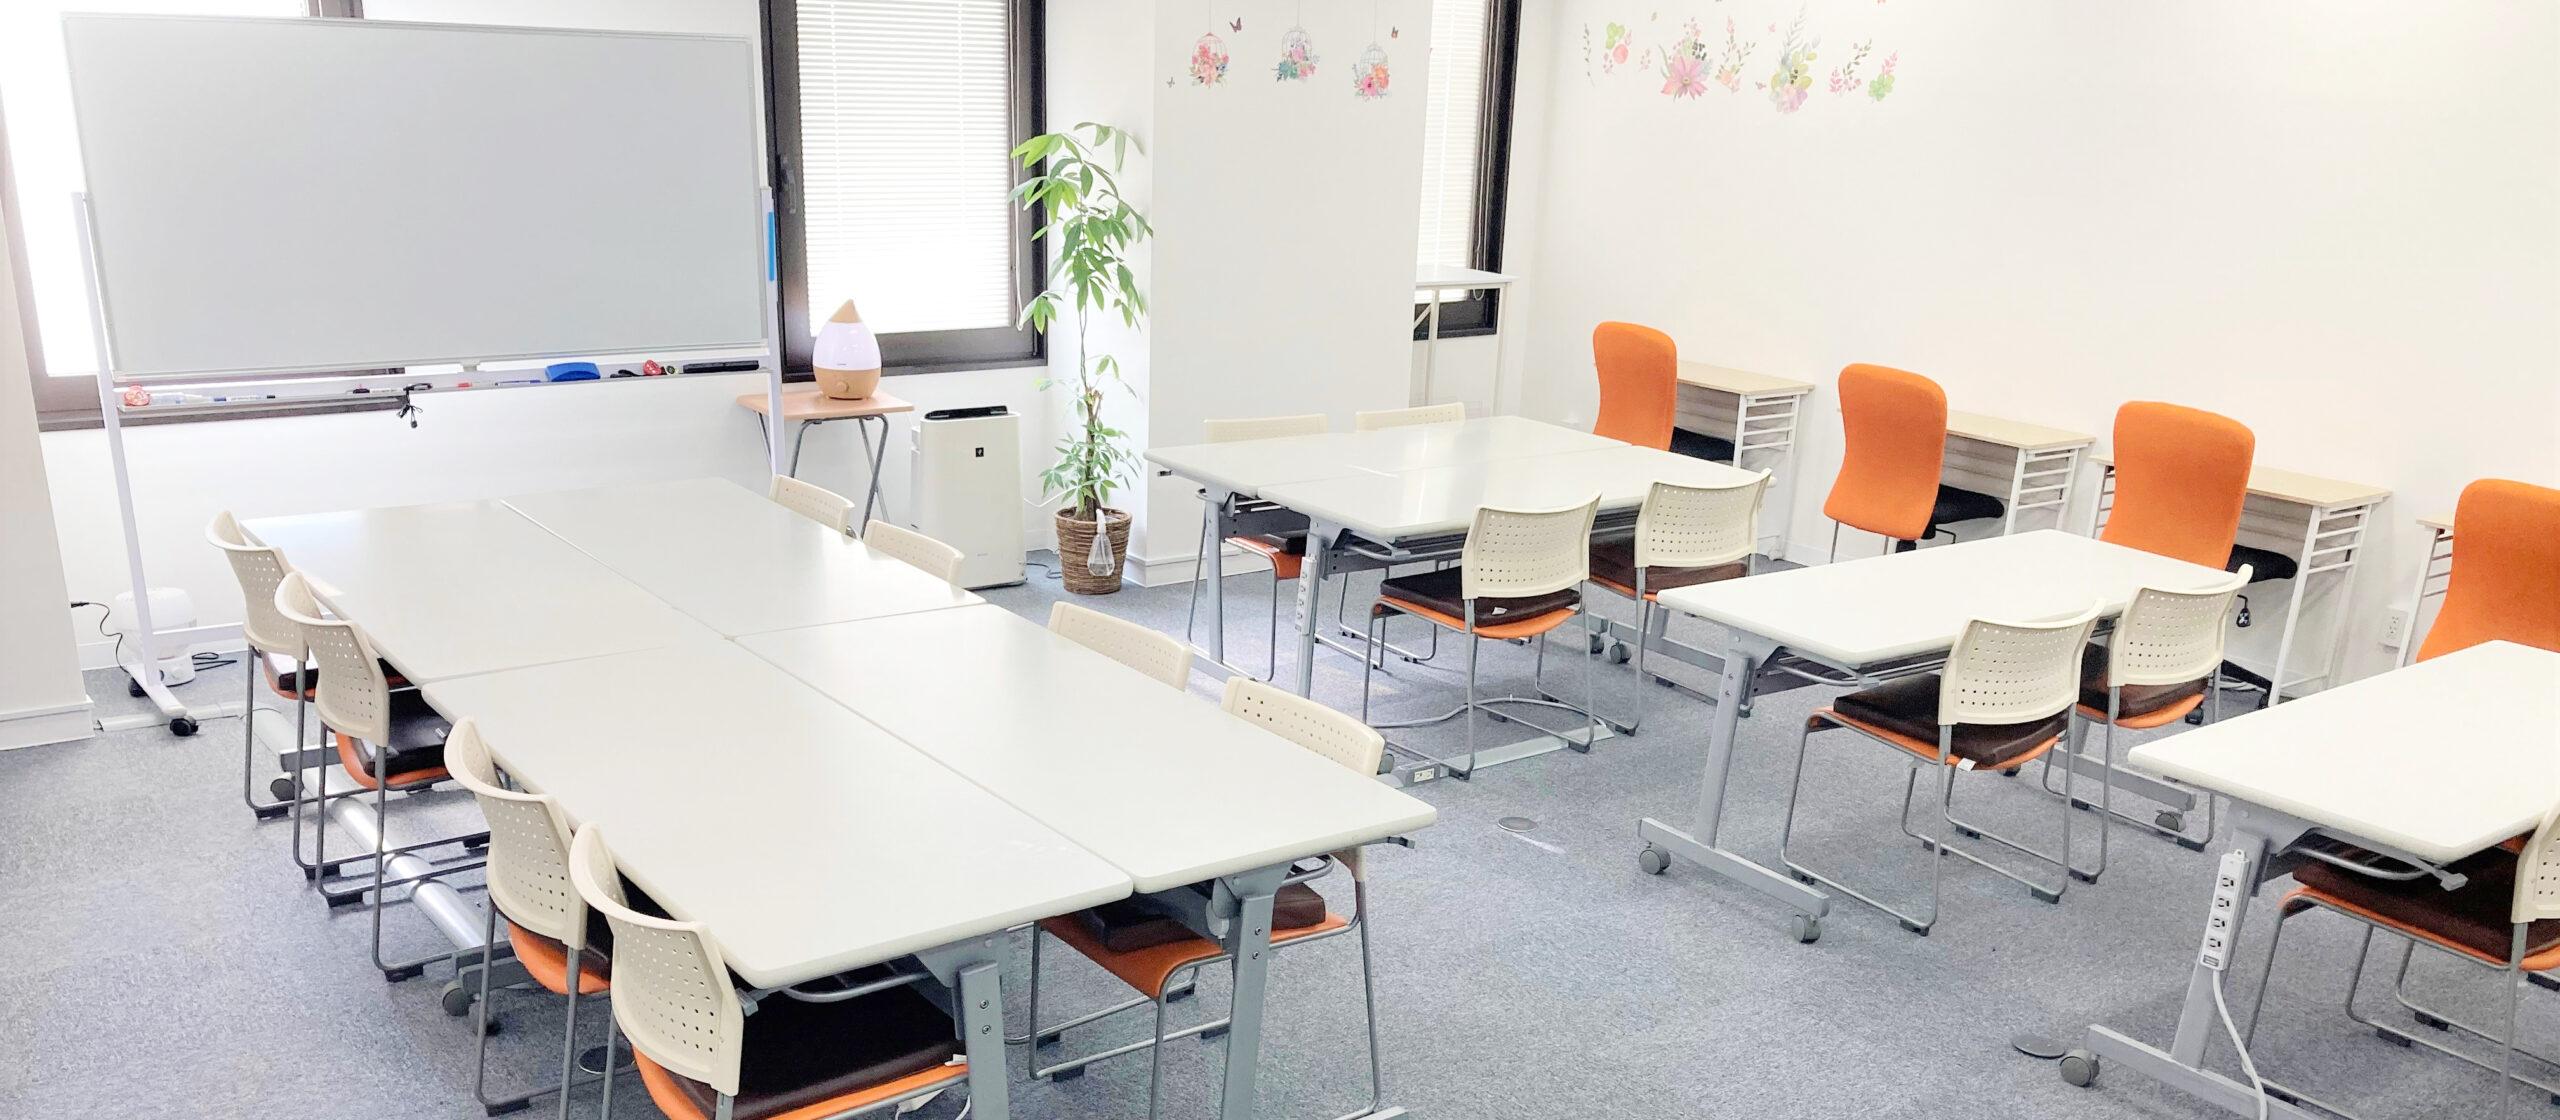 就労移行支援事業所横浜関内Office